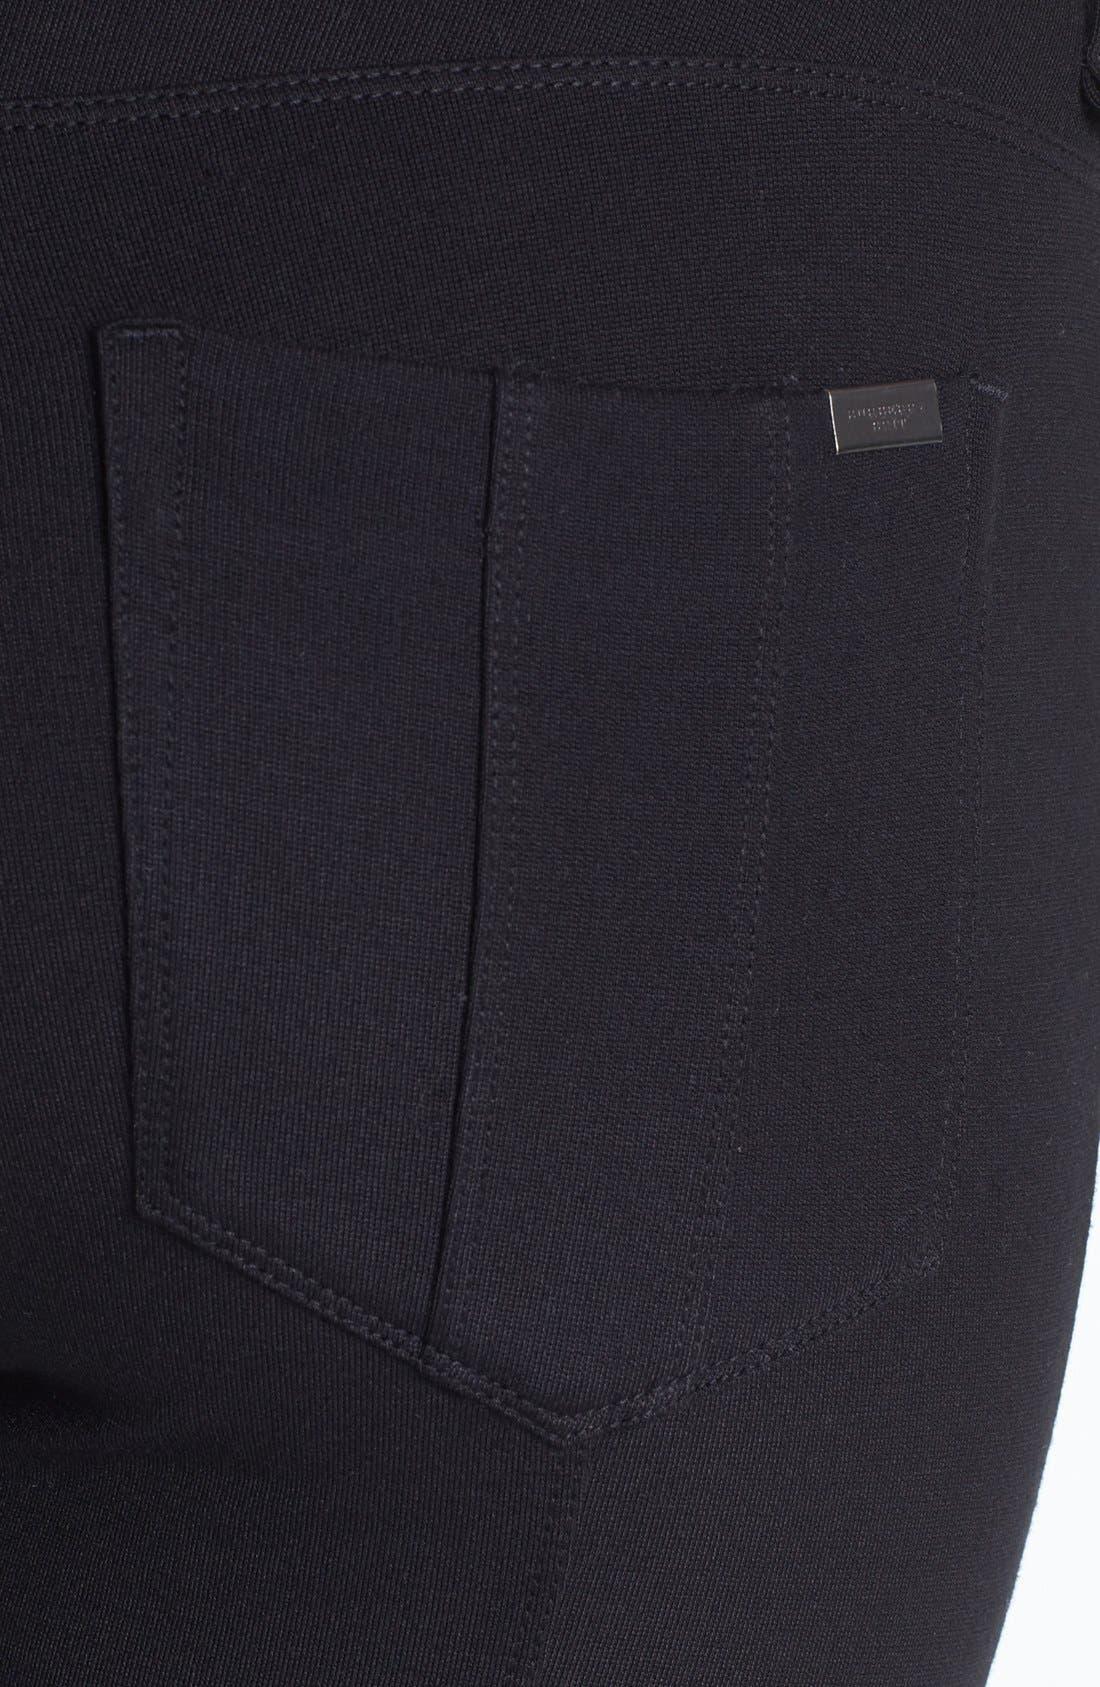 BURBERRY BRIT, Five-Pocket Pants, Alternate thumbnail 6, color, 001